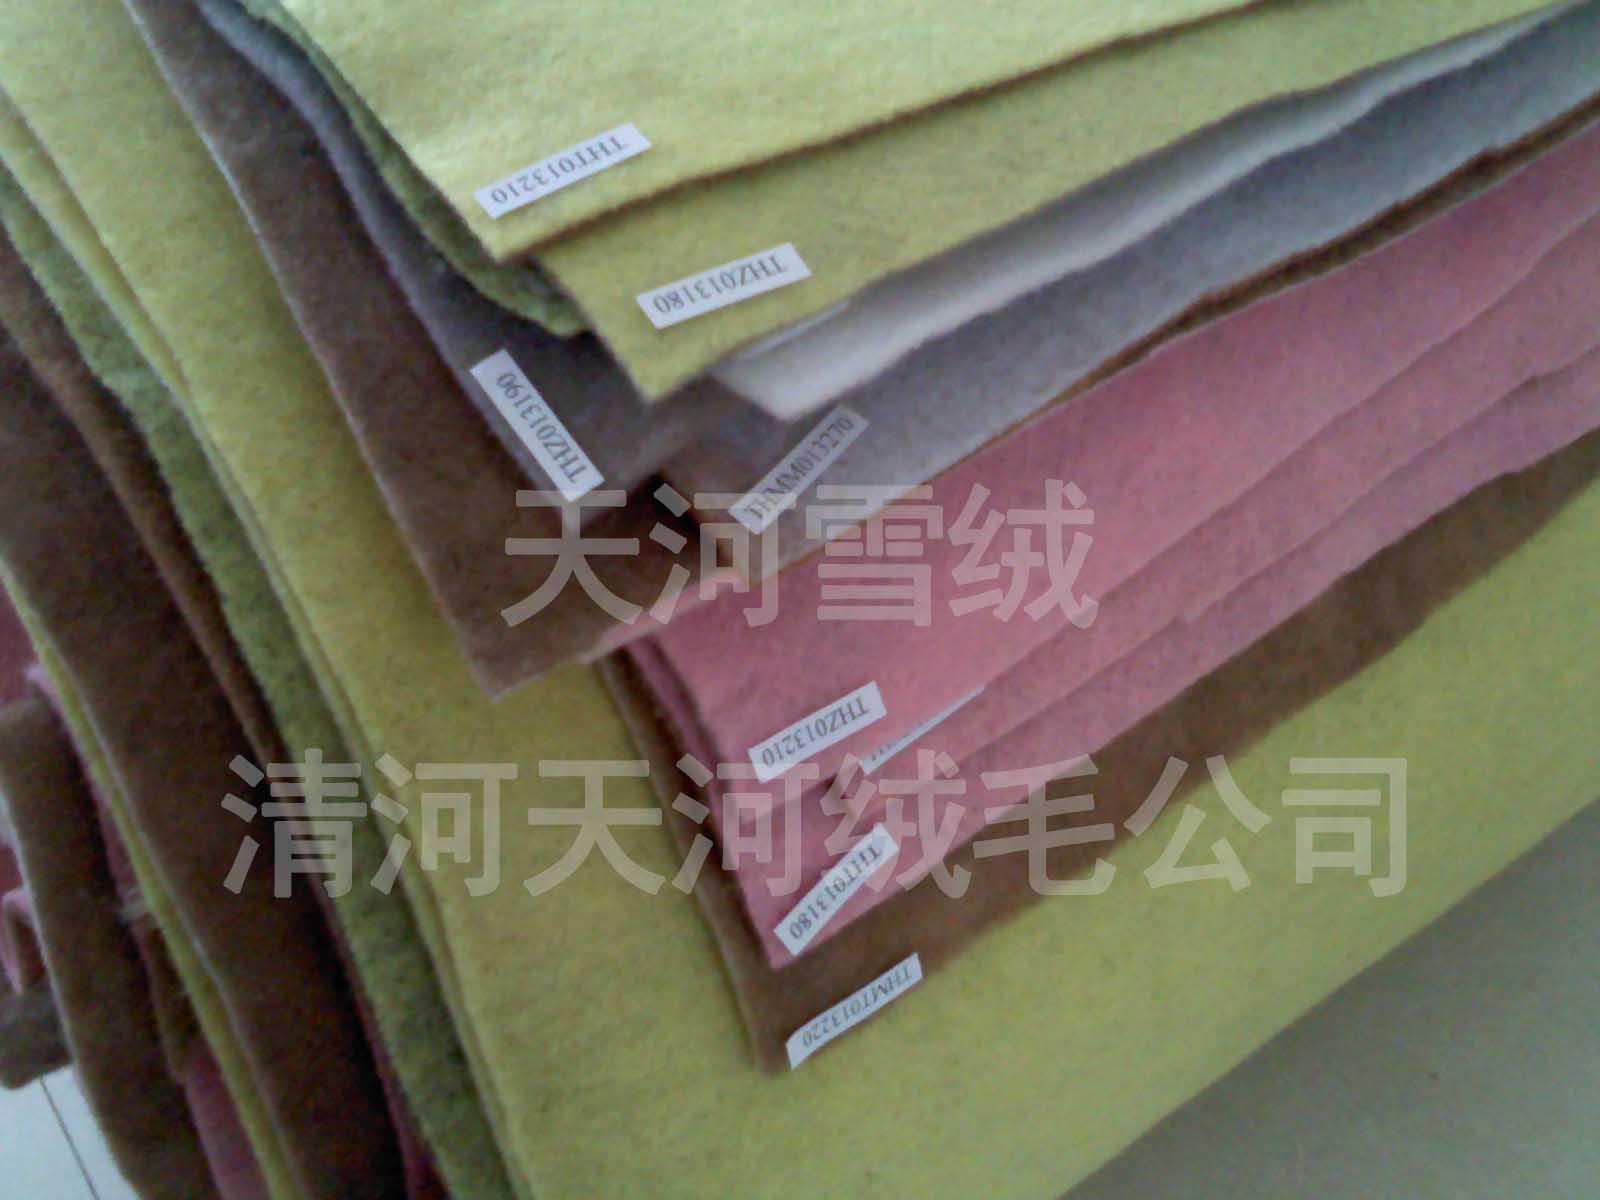 实用的羊毛絮片_要买划算的混合绒羊毛絮片,就到天河绒毛制品公司